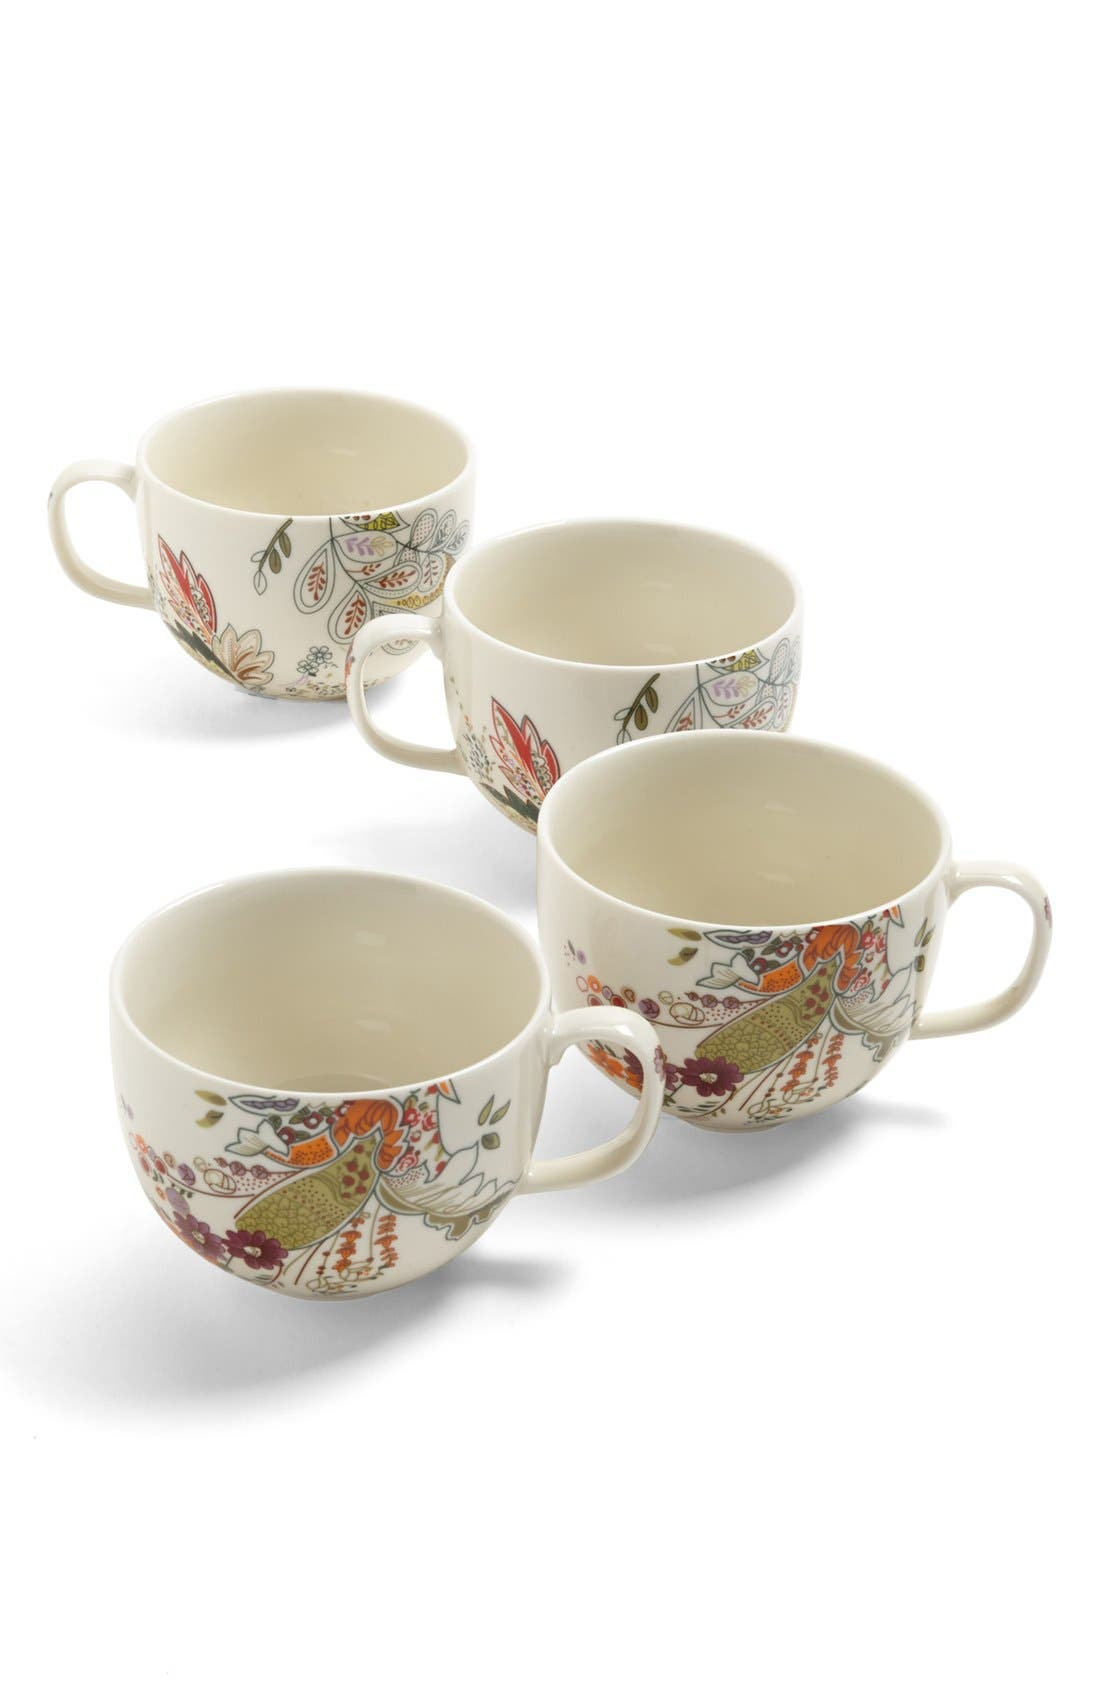 Main Image - 'Floral Henna' Porcelain Mugs (Set of 4)